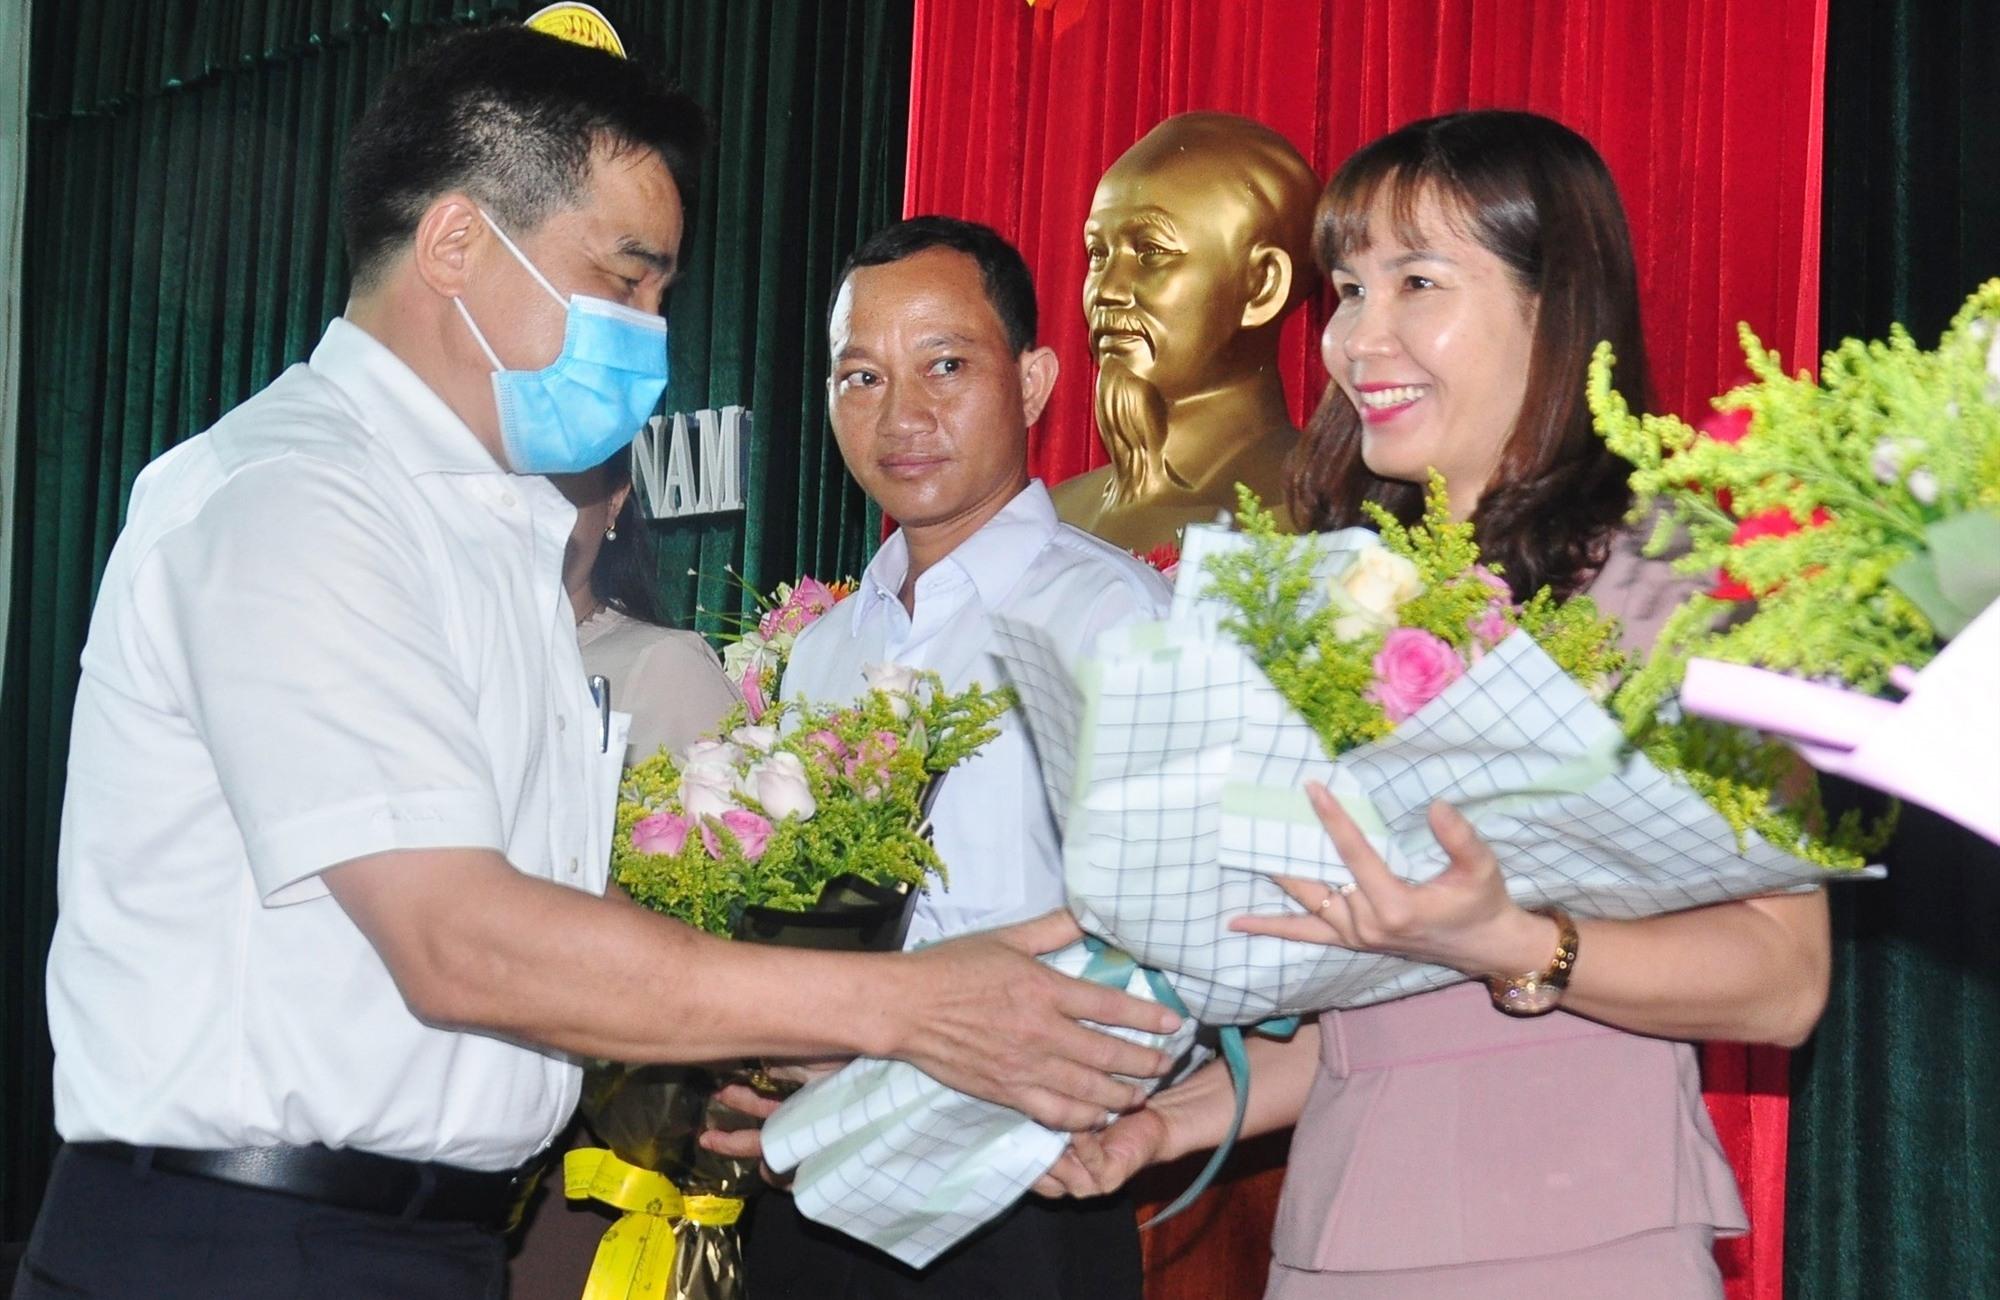 Phó Bí thư Thường trực Tỉnh ủy Lê Văn Dũng tặng hoa chúc mừng bà Lê Thị Minh Tâm, tân Chủ tịch Hội ND tỉnh. Ảnh: VINH ANH